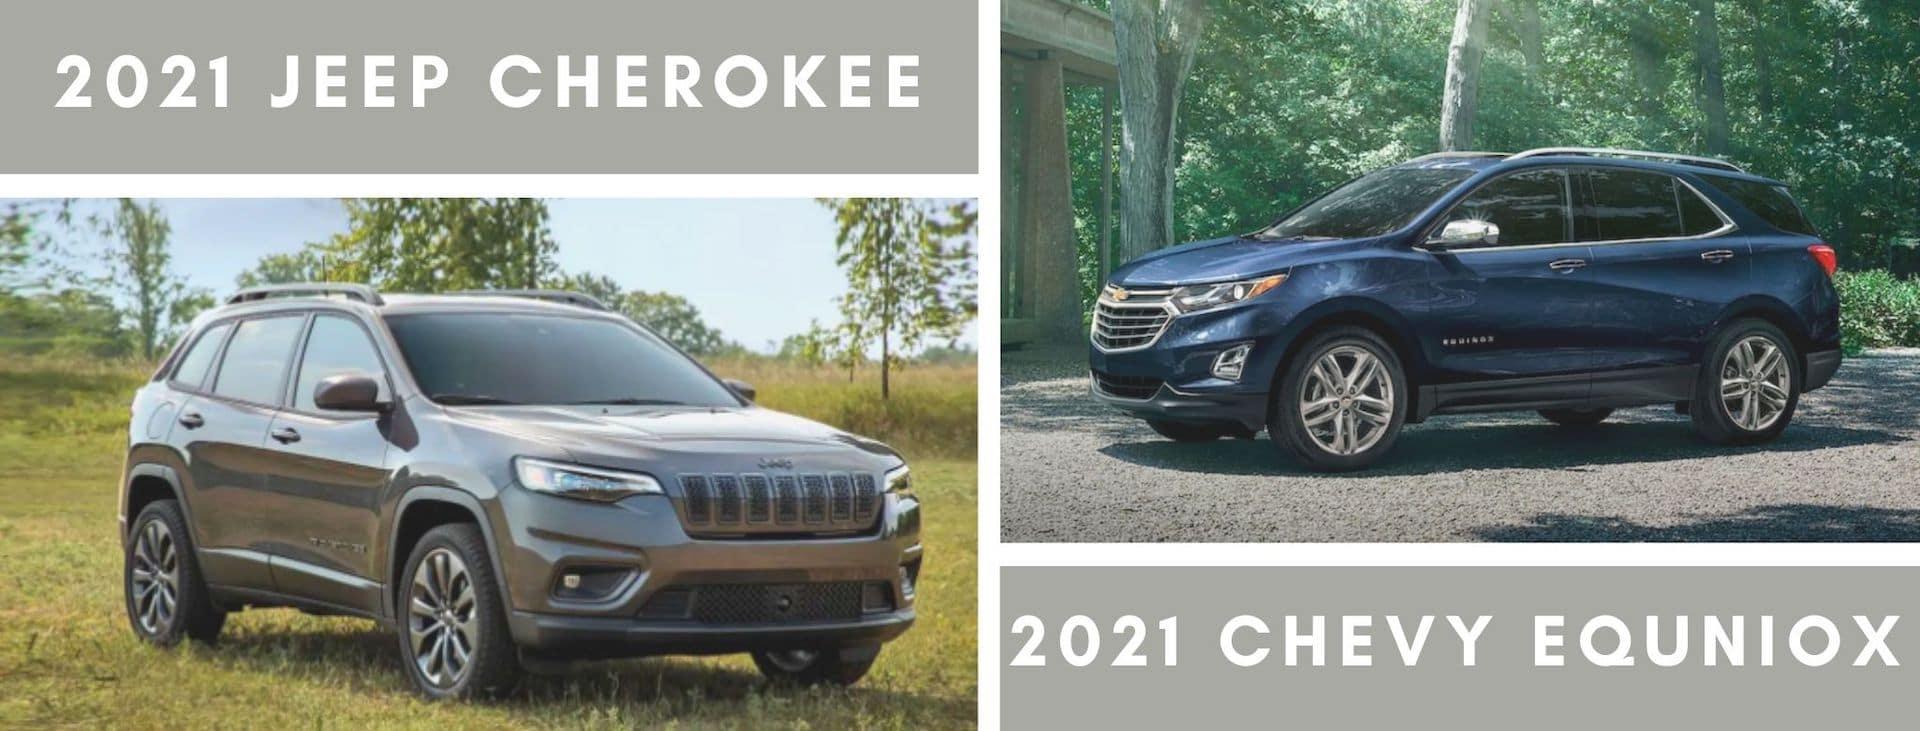 Jeep cherokee comparison photo